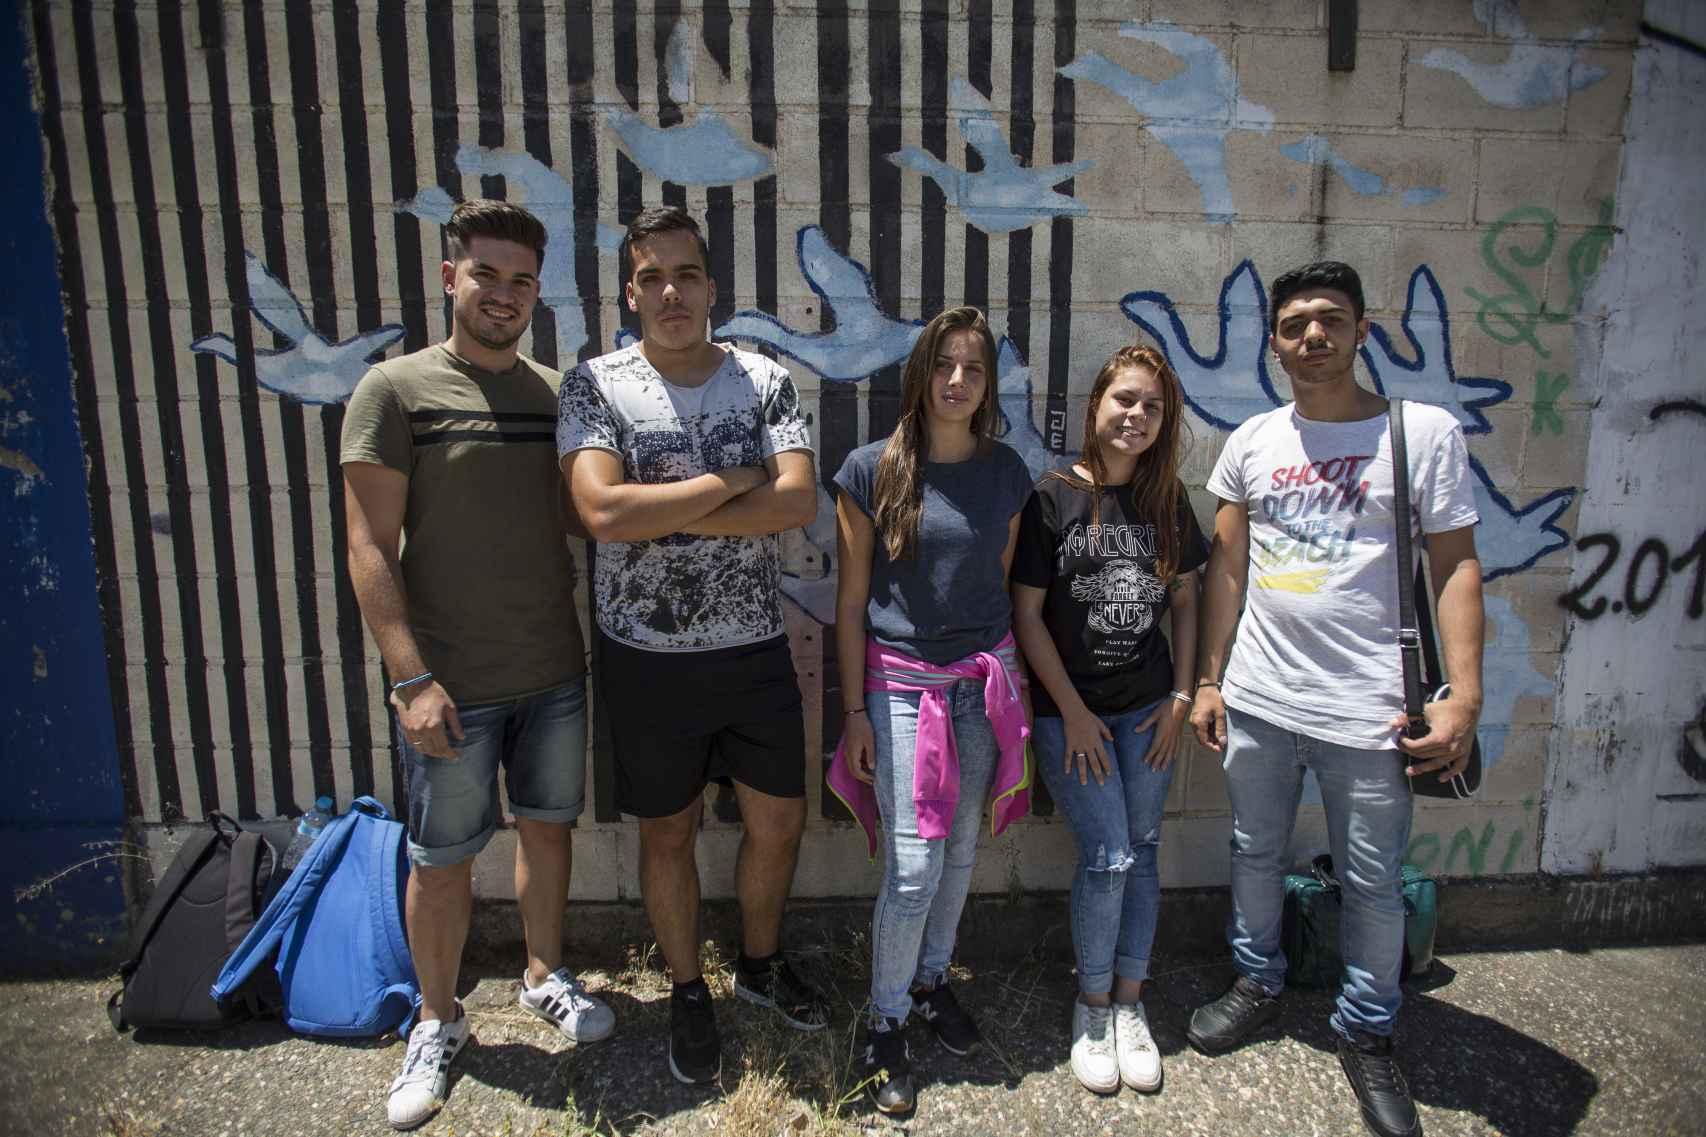 Los cinco alumnos del Domínguez Ortiz que se presentarán a selectividad. Dos de ellos accederían a la universidad de Loyola gracias a una beca en caso de lograrlo.